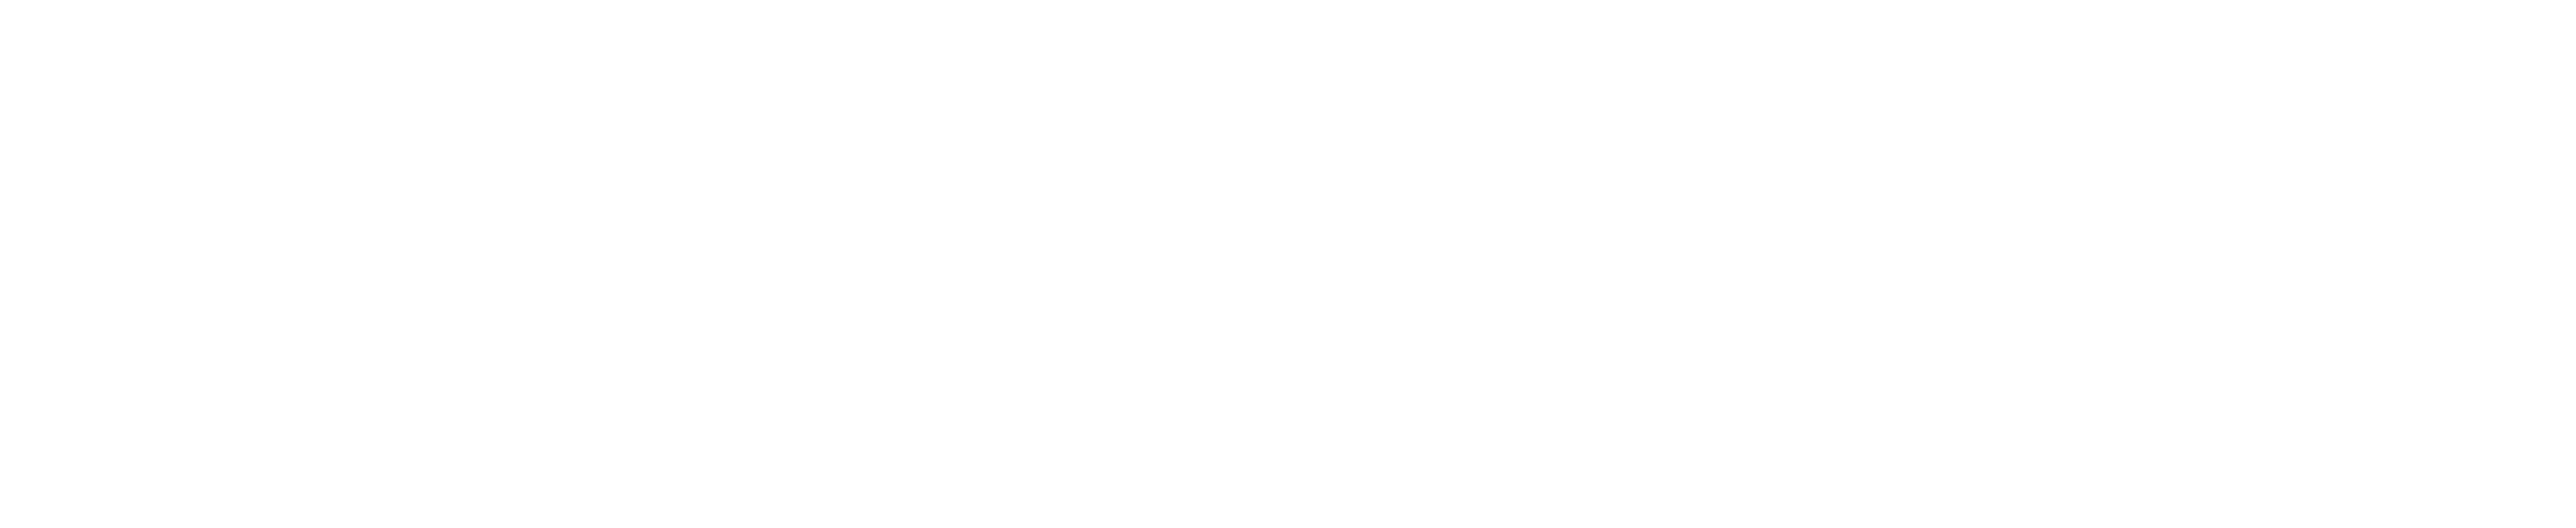 sponsor cc aligro